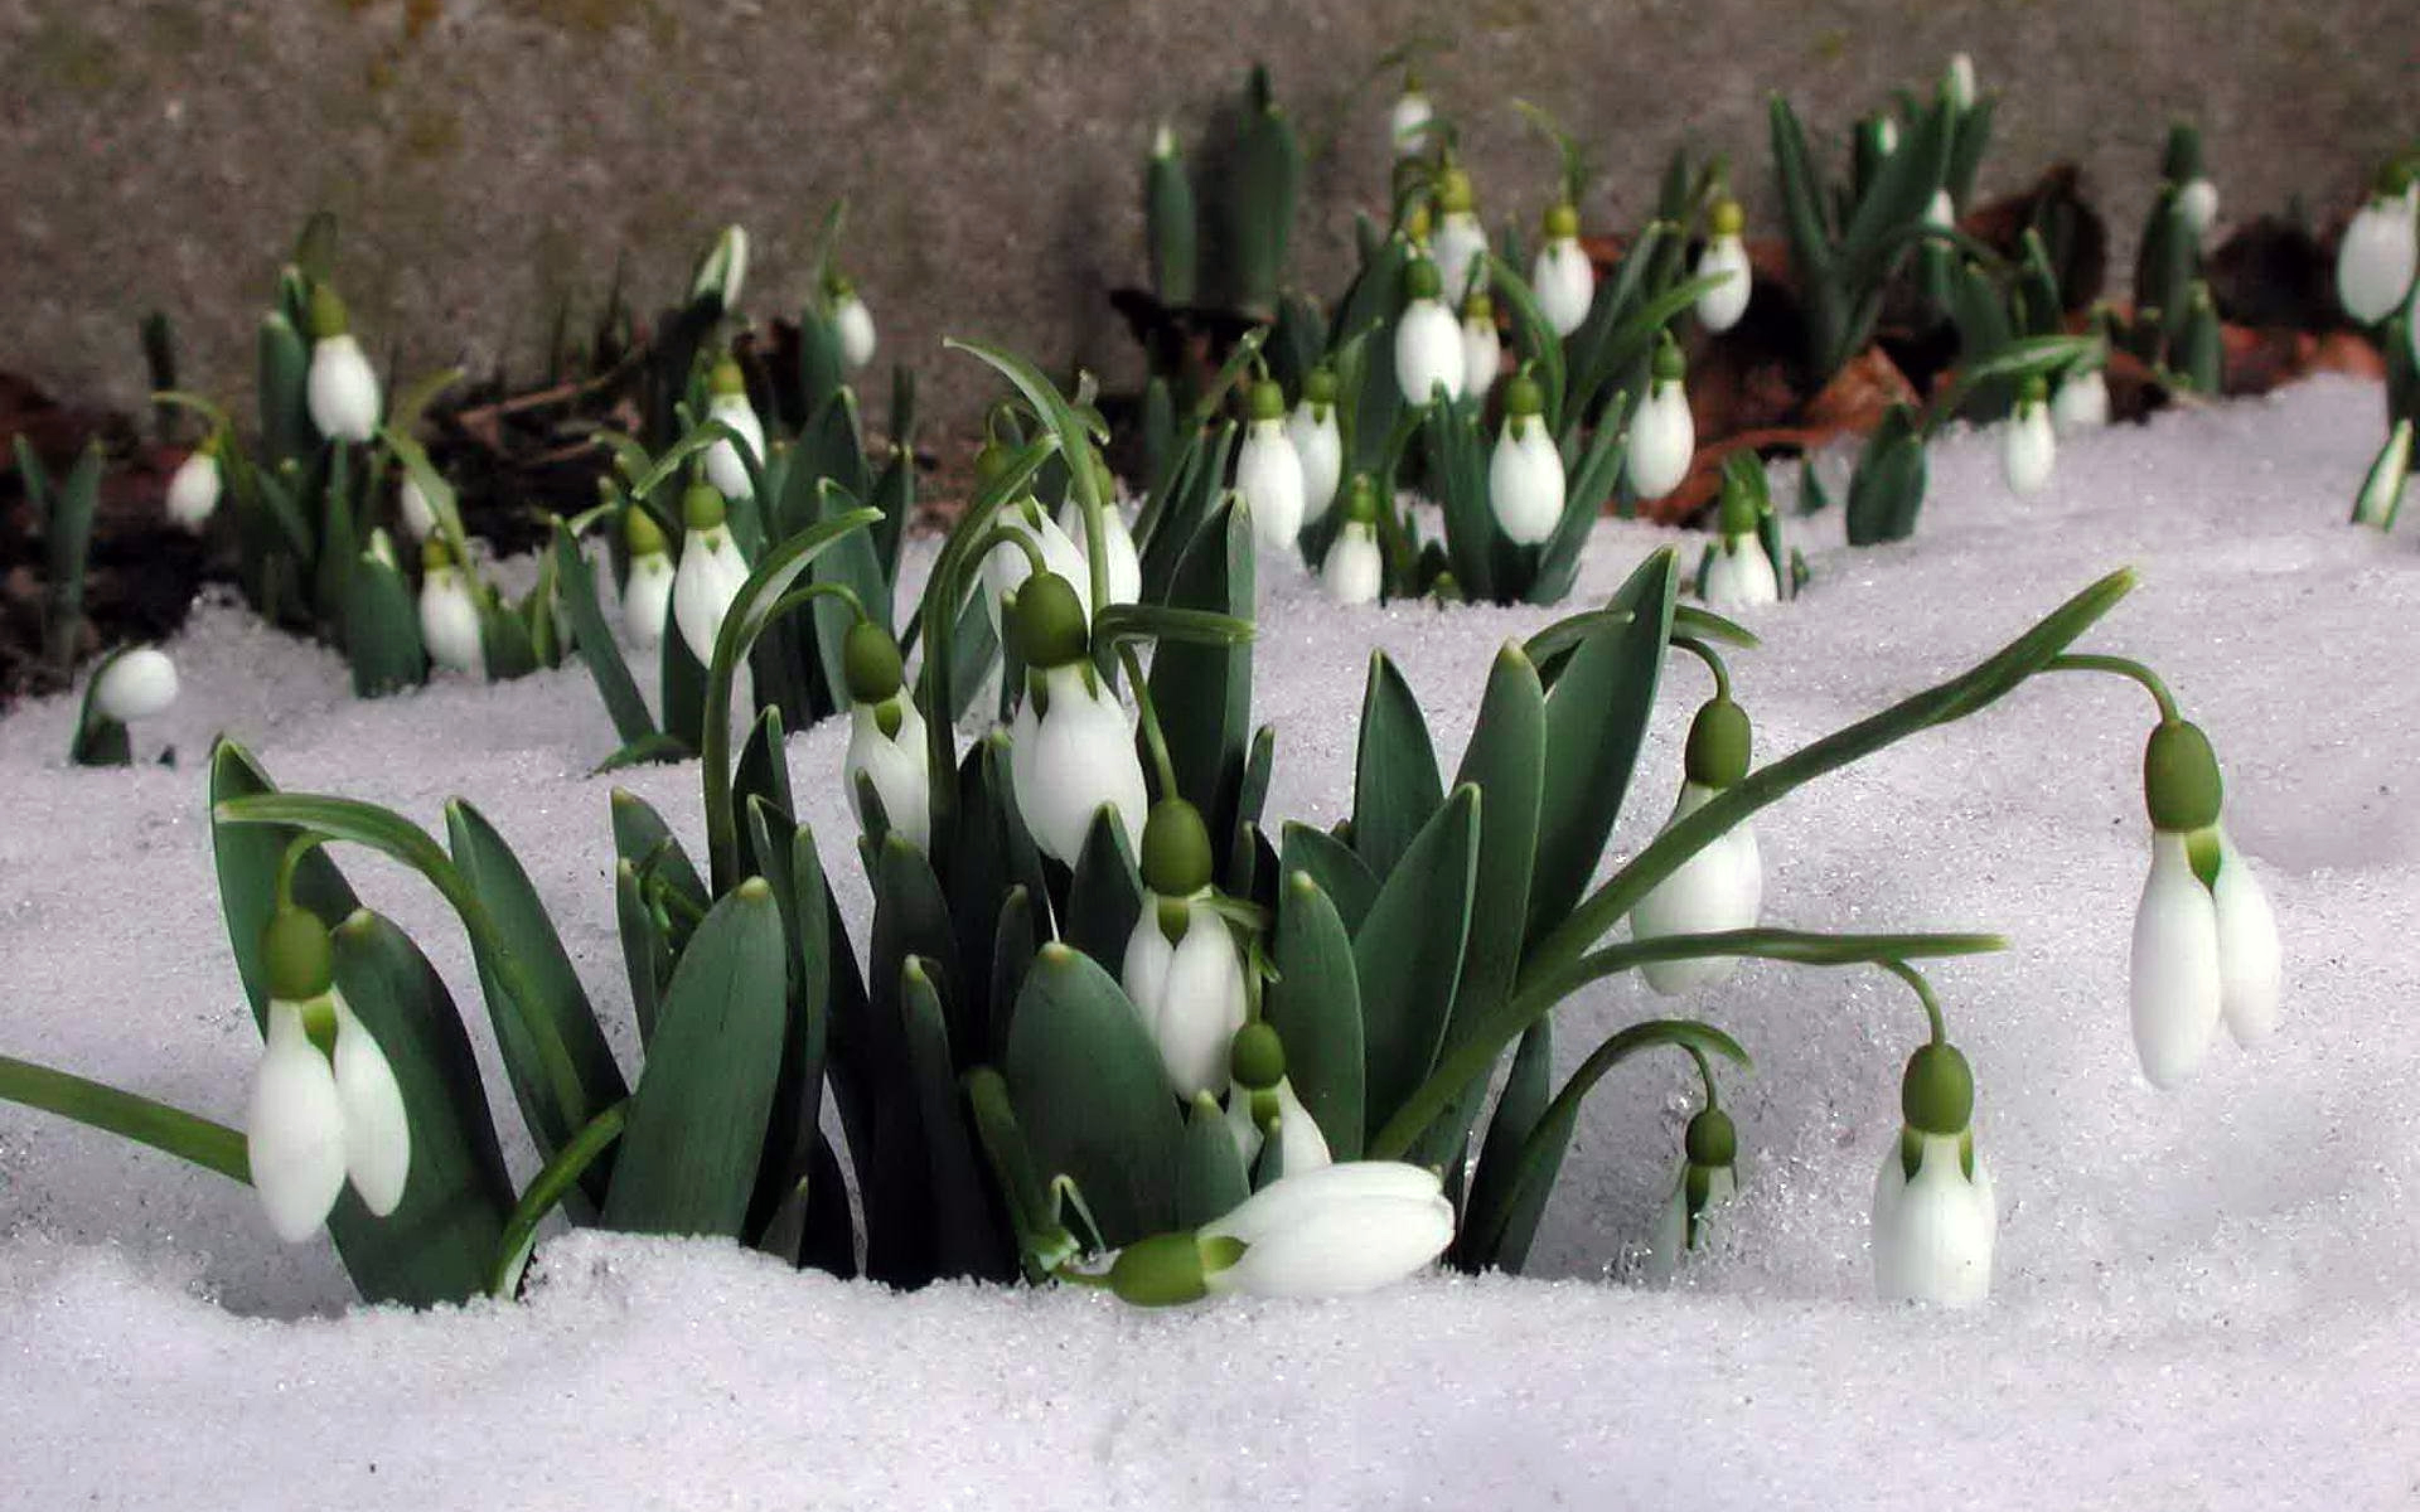 Подснежники 4K ultraHD под тающим весенним снегом, 3840 на 2400 пикселей